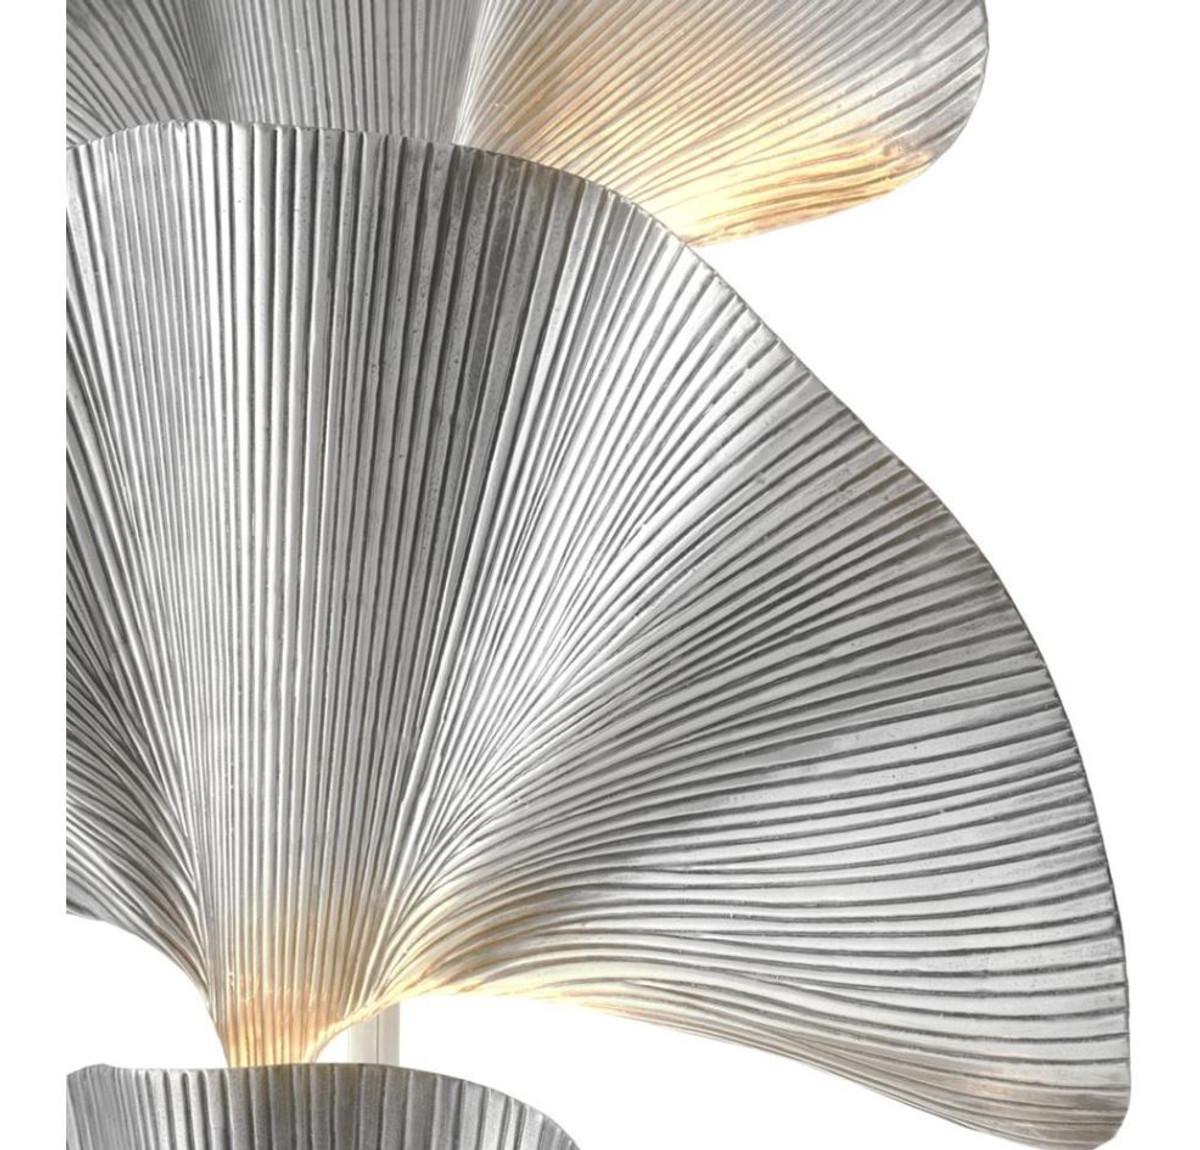 Großartig Stehleuchte Silber Ideen Von Casa Padrino 80 X H. 197 Cm